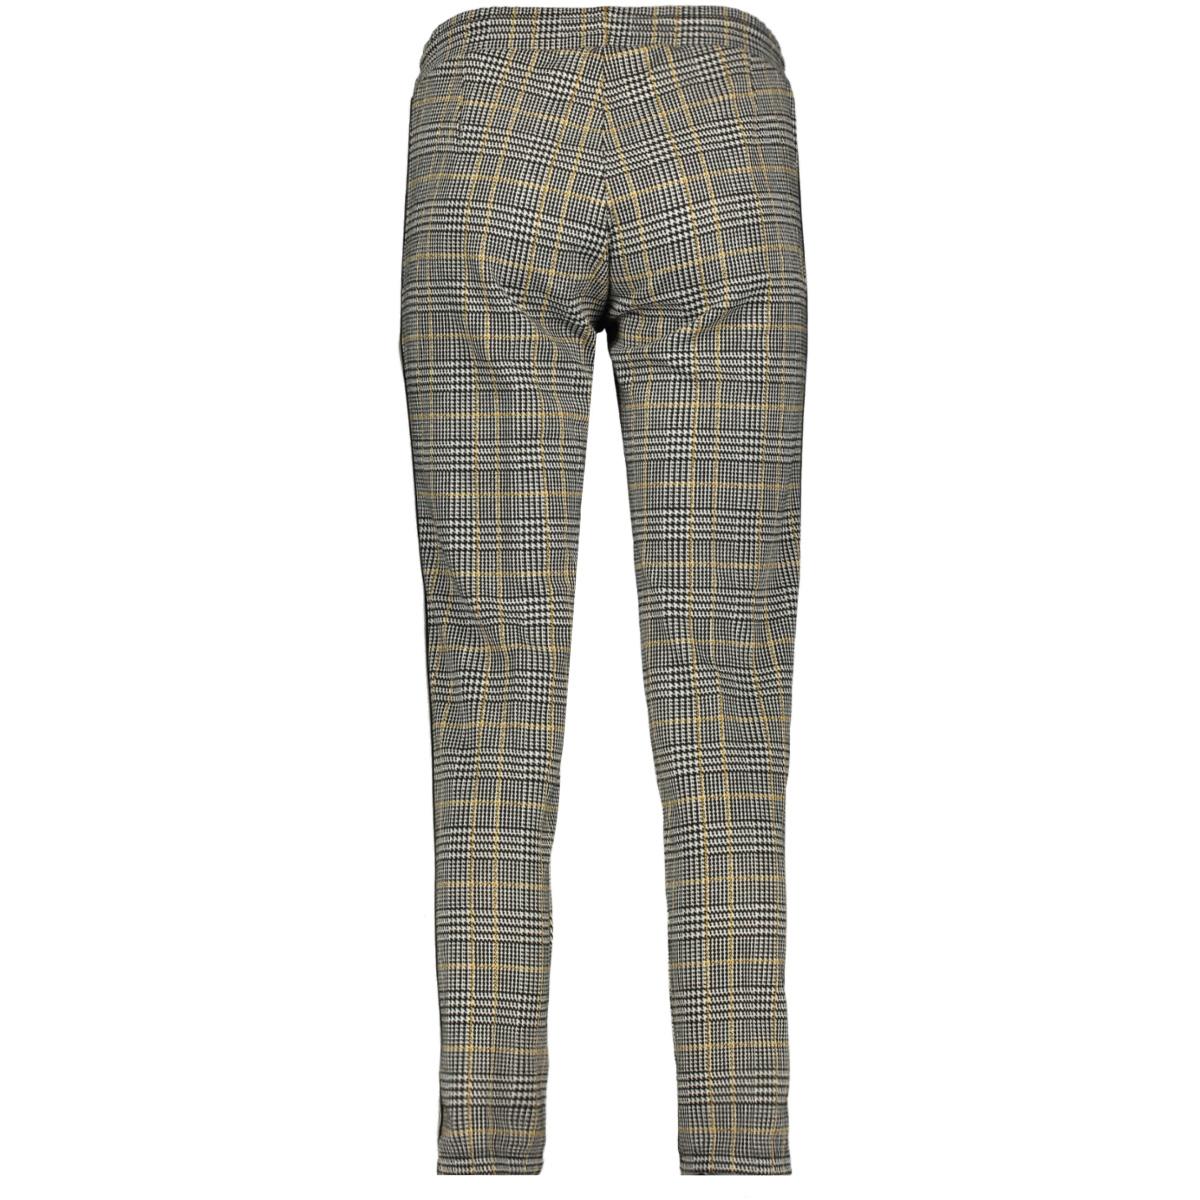 broek met pied de poule print 1013265xx70 tom tailor broek 19092